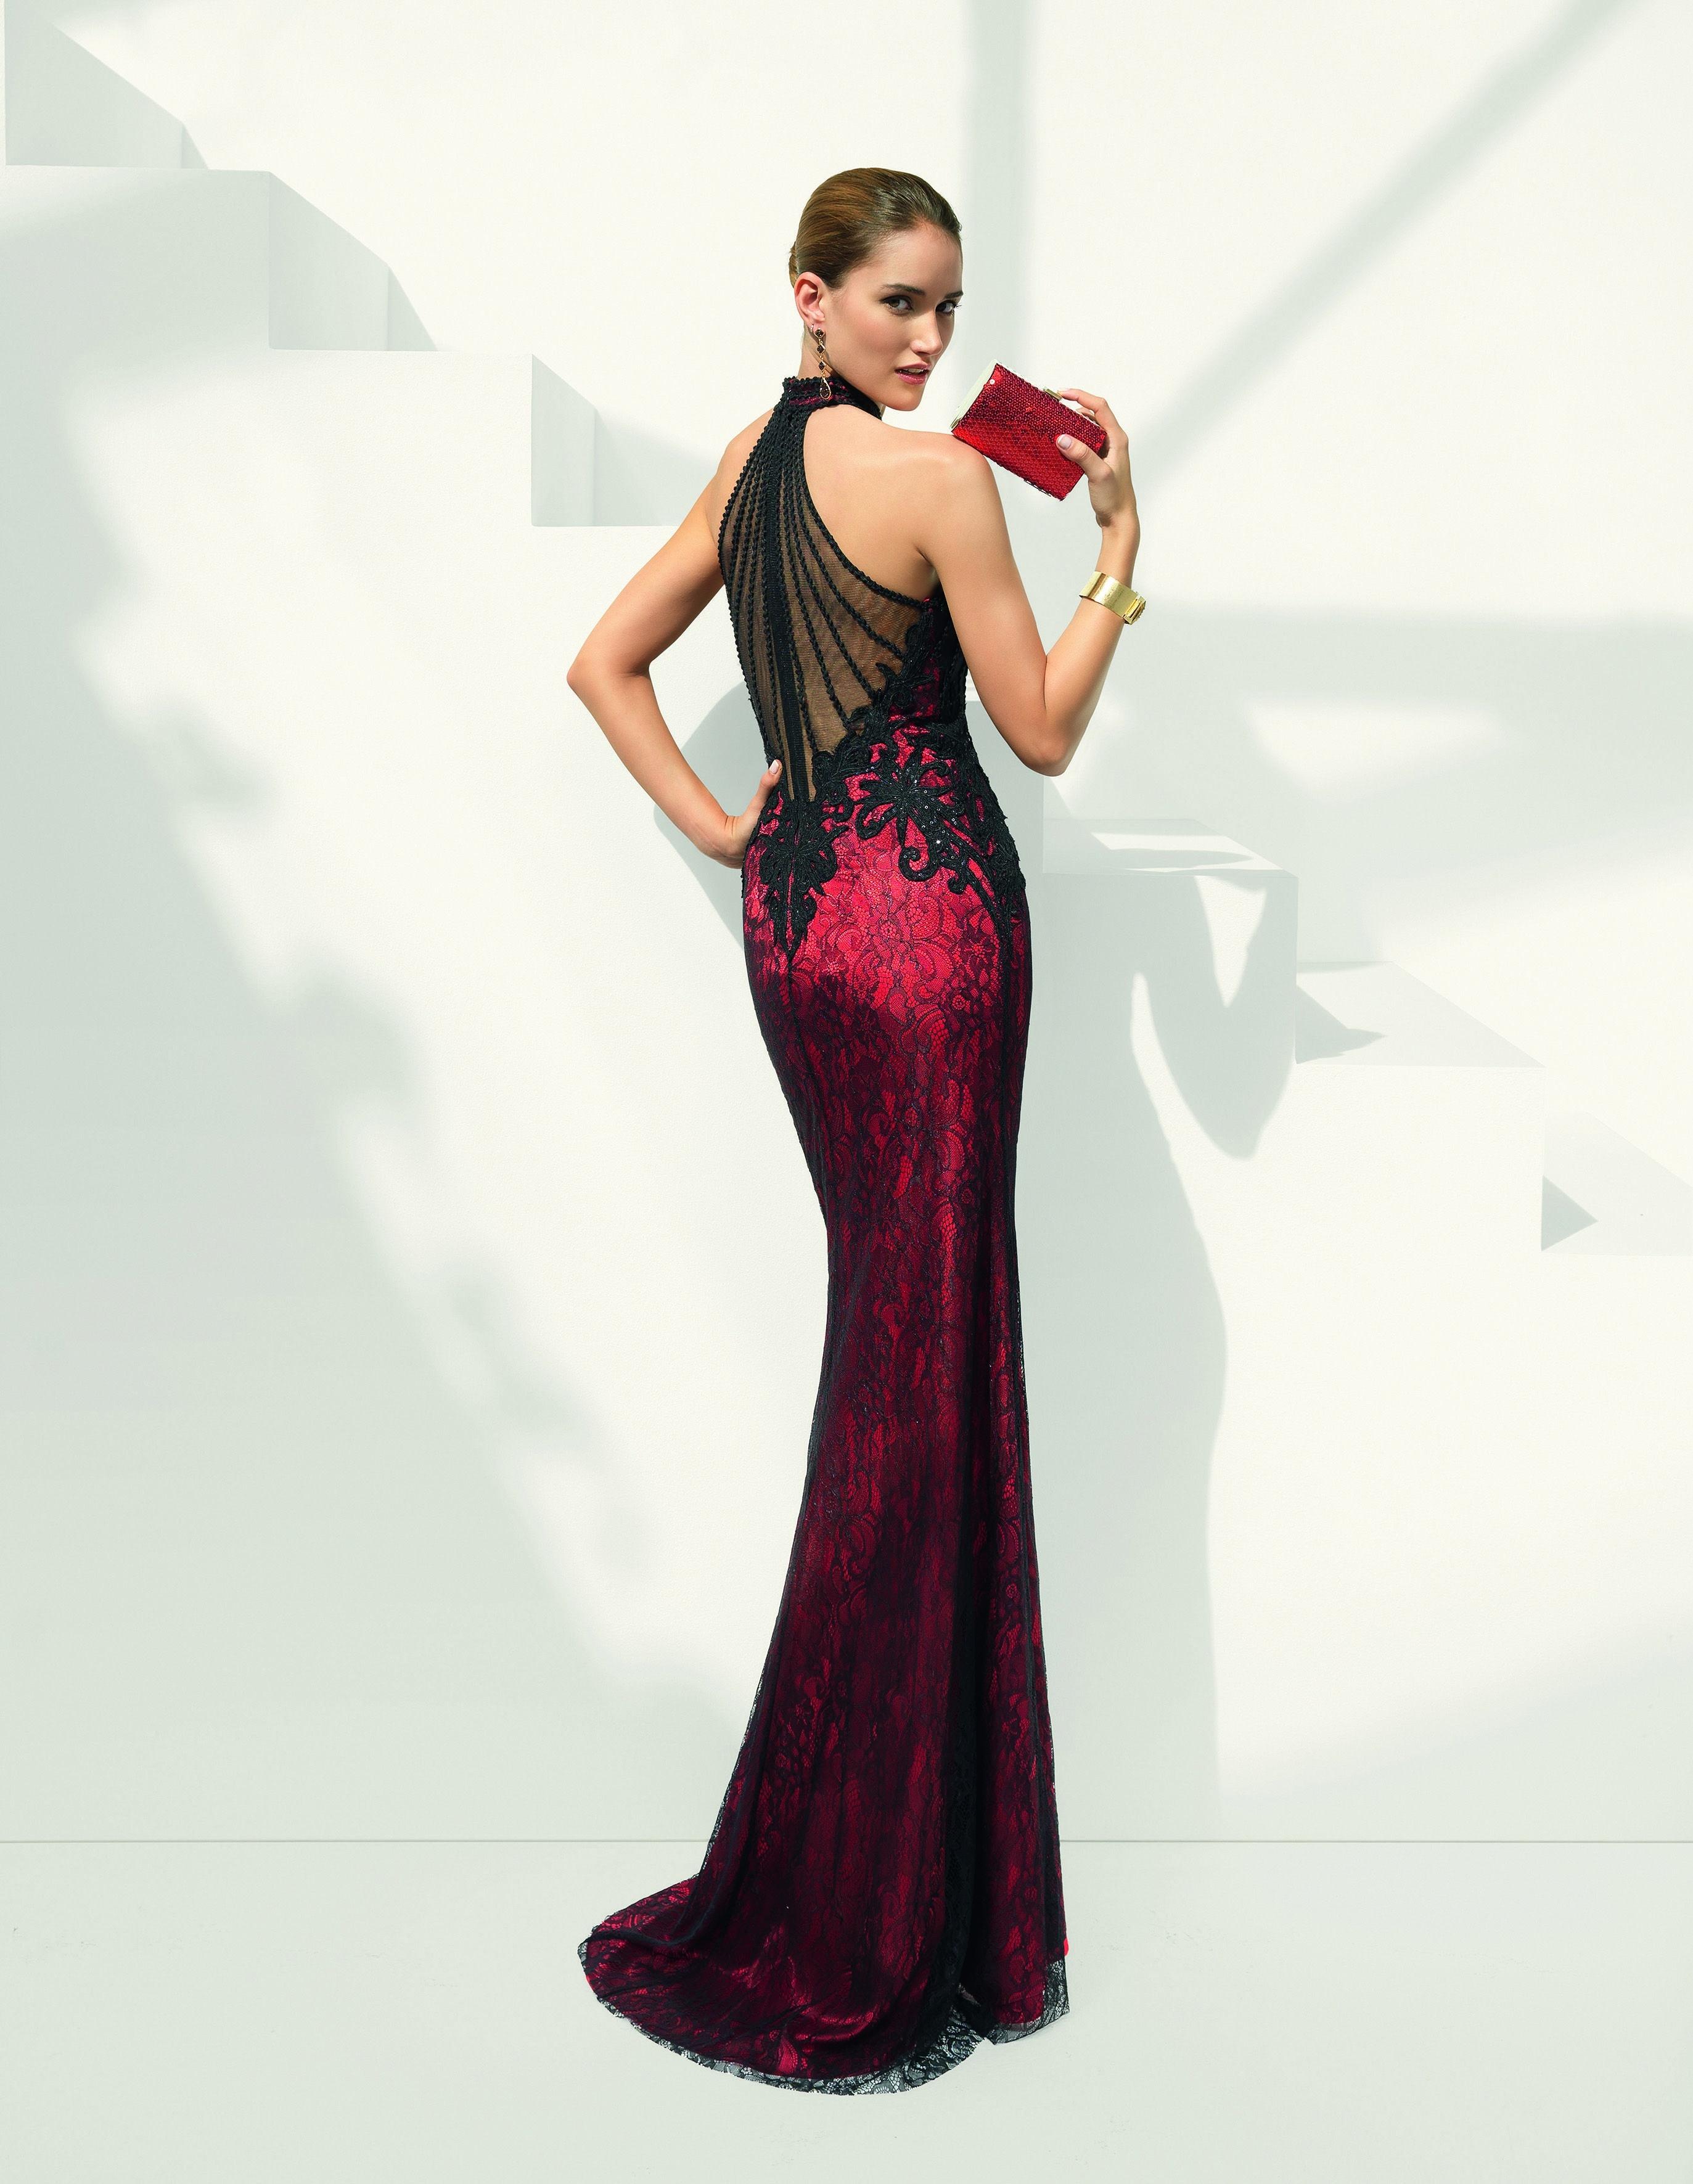 17 Fantastisch Designer Abendkleider SpezialgebietAbend Einfach Designer Abendkleider Stylish